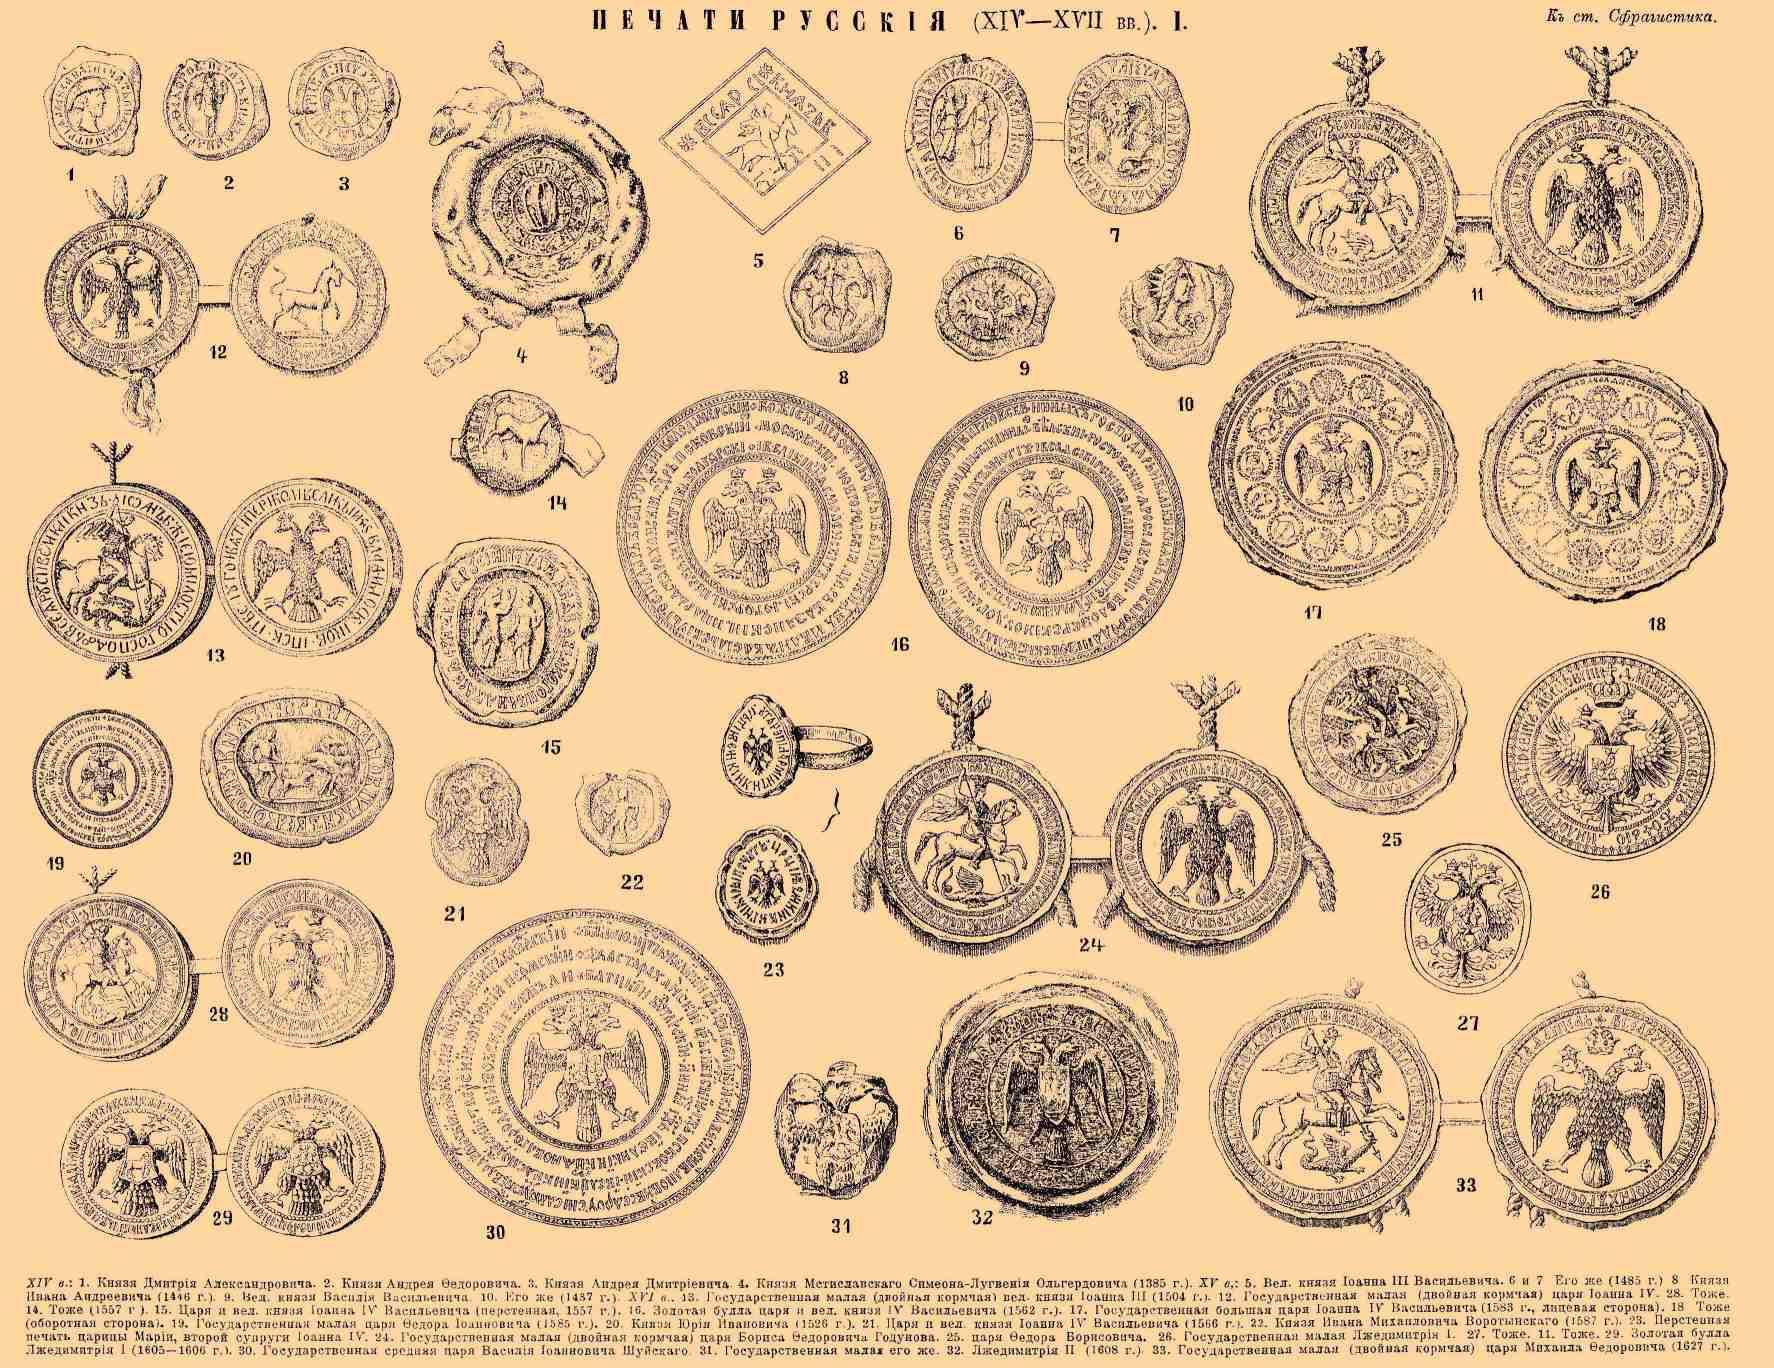 68 частные печати государей и гербы в печатях членов государева семейства